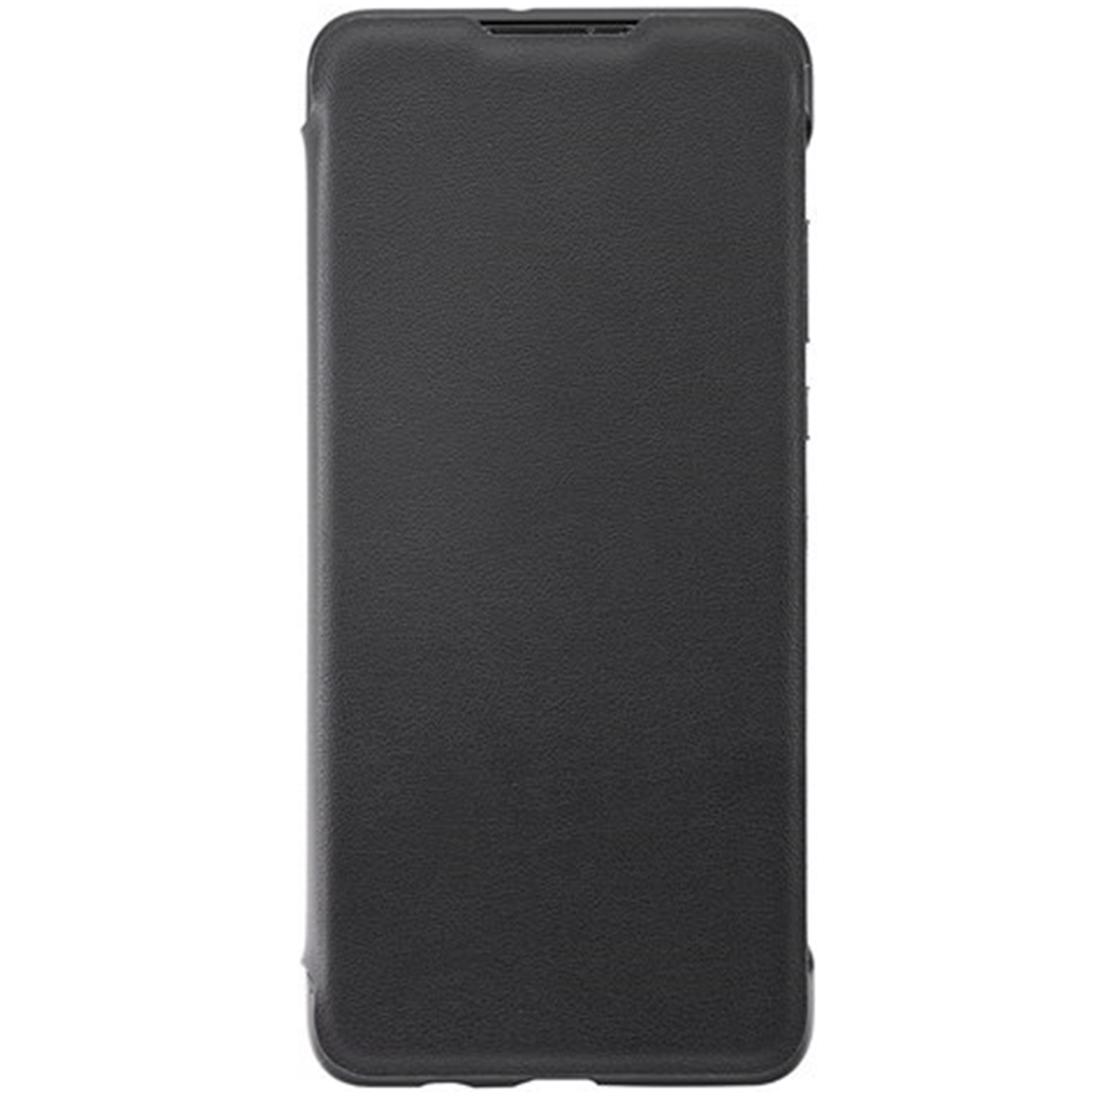 Husa Huawei Flip Wallet Cover pentru Huawei P30 Lite Black